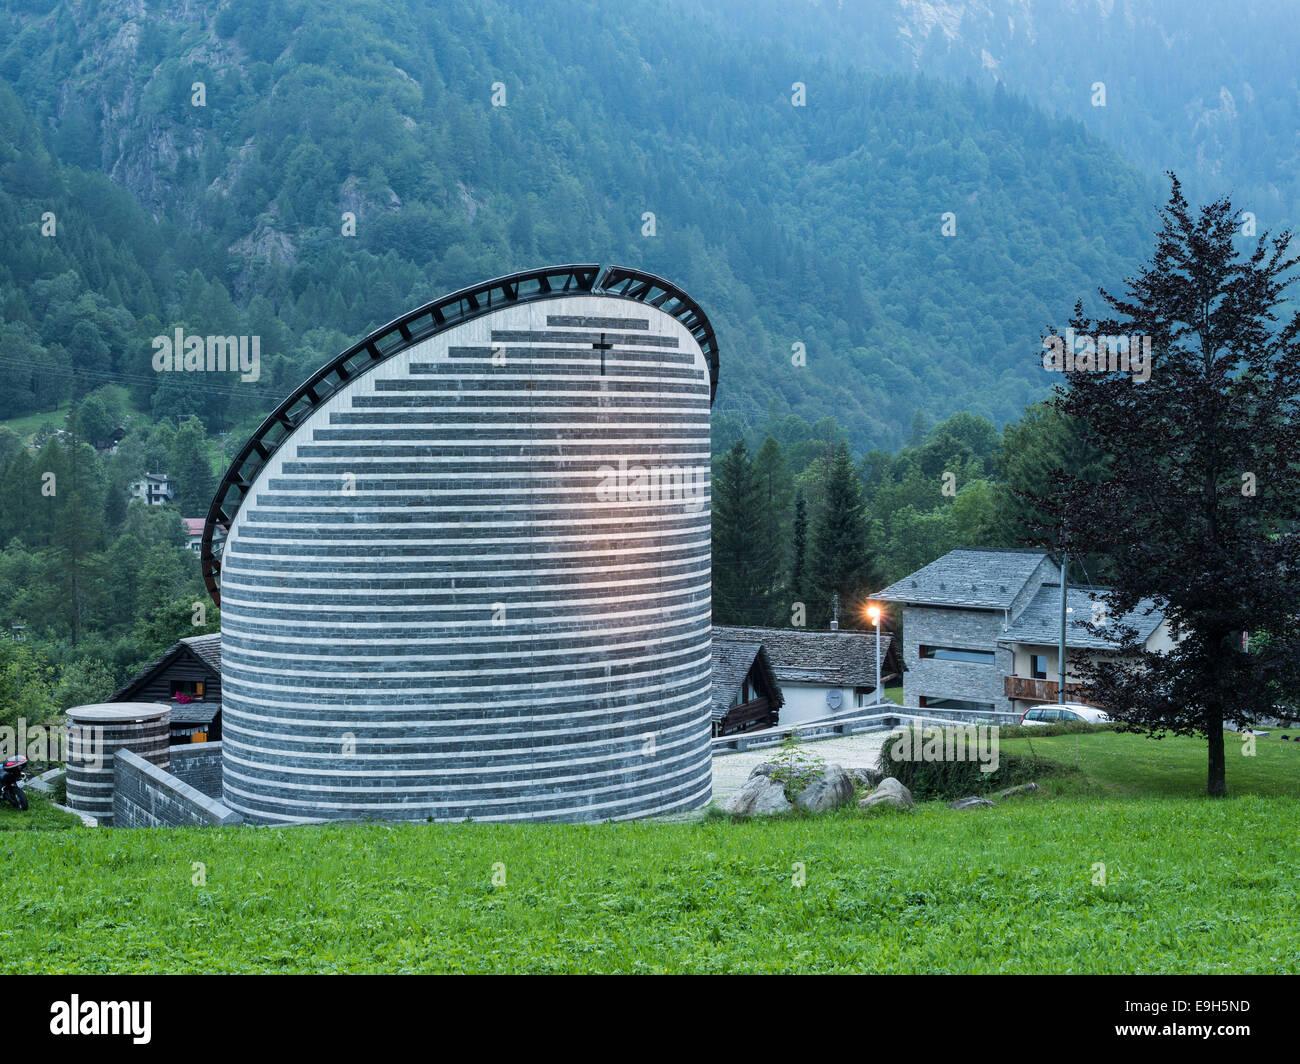 Parish Church of San Giovanni Battista, modern architecture by Mario Botta, Mogno, Lavizzara, Canton of Ticino, Switzerland Stock Photo